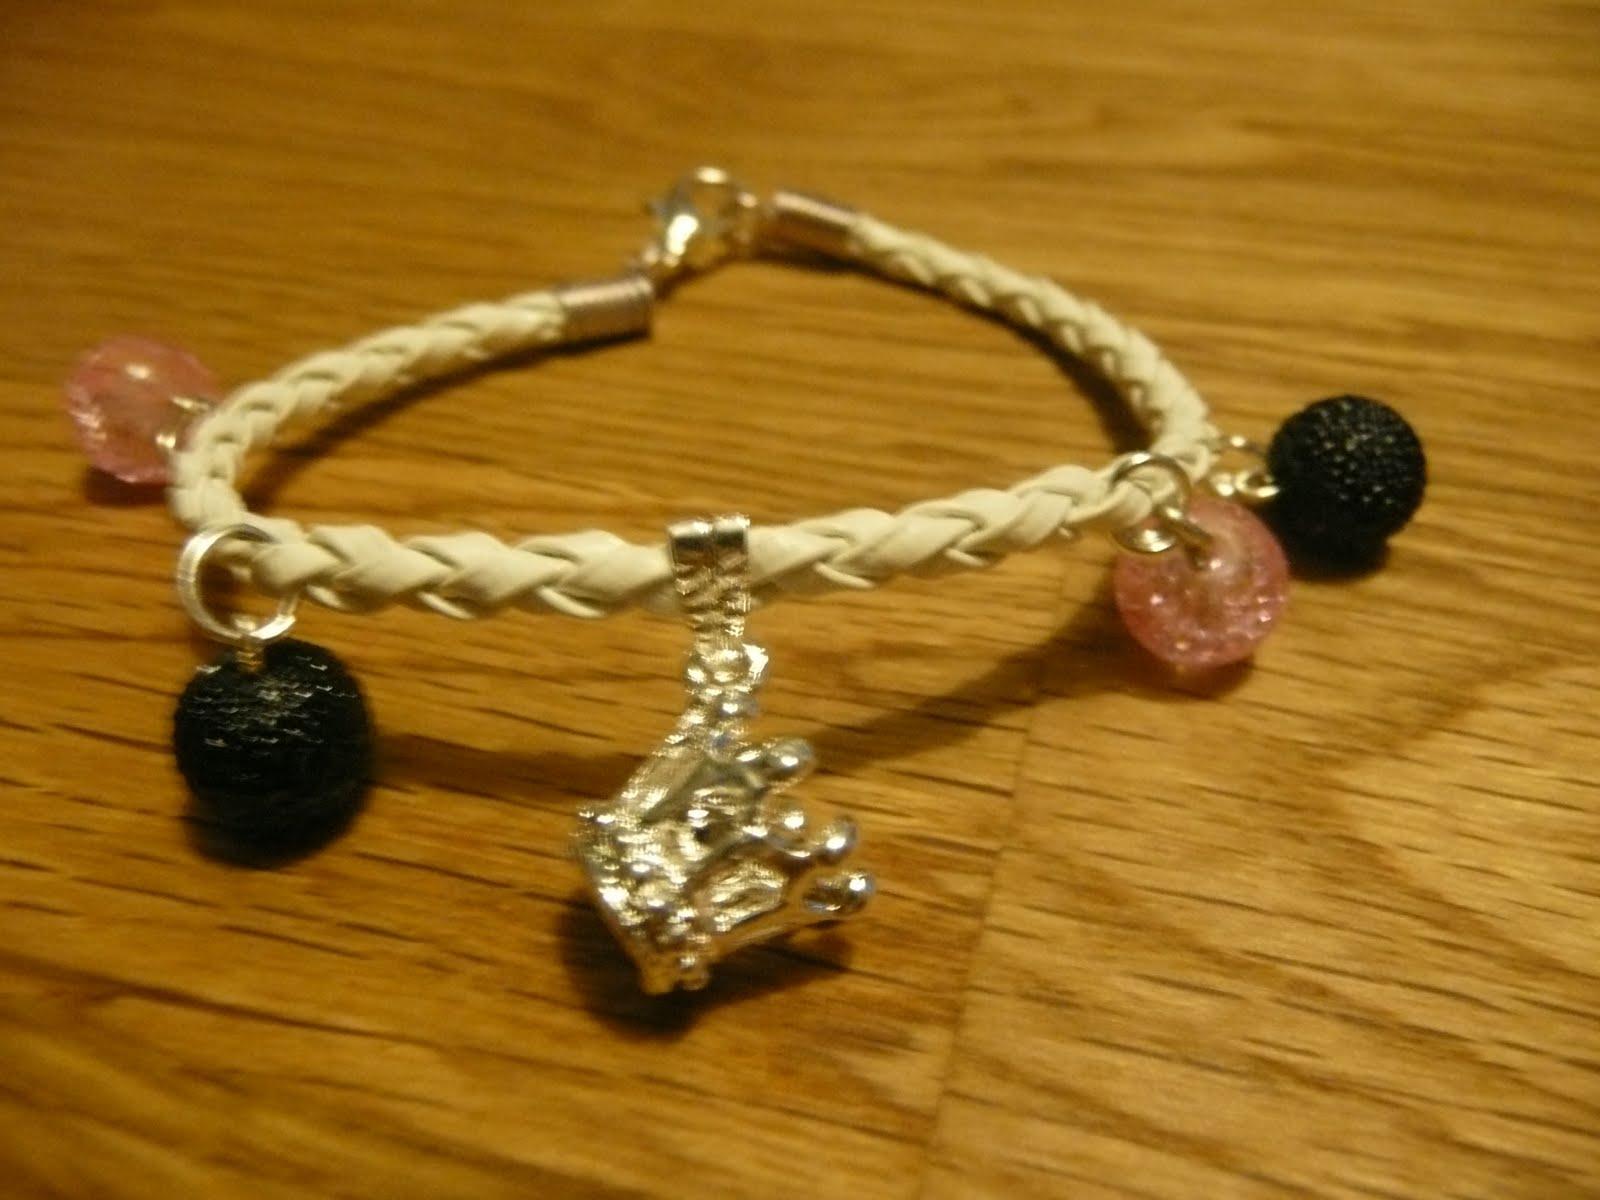 Hemmagjorda smycken är mer personliga  Smycken cf90d5acda339